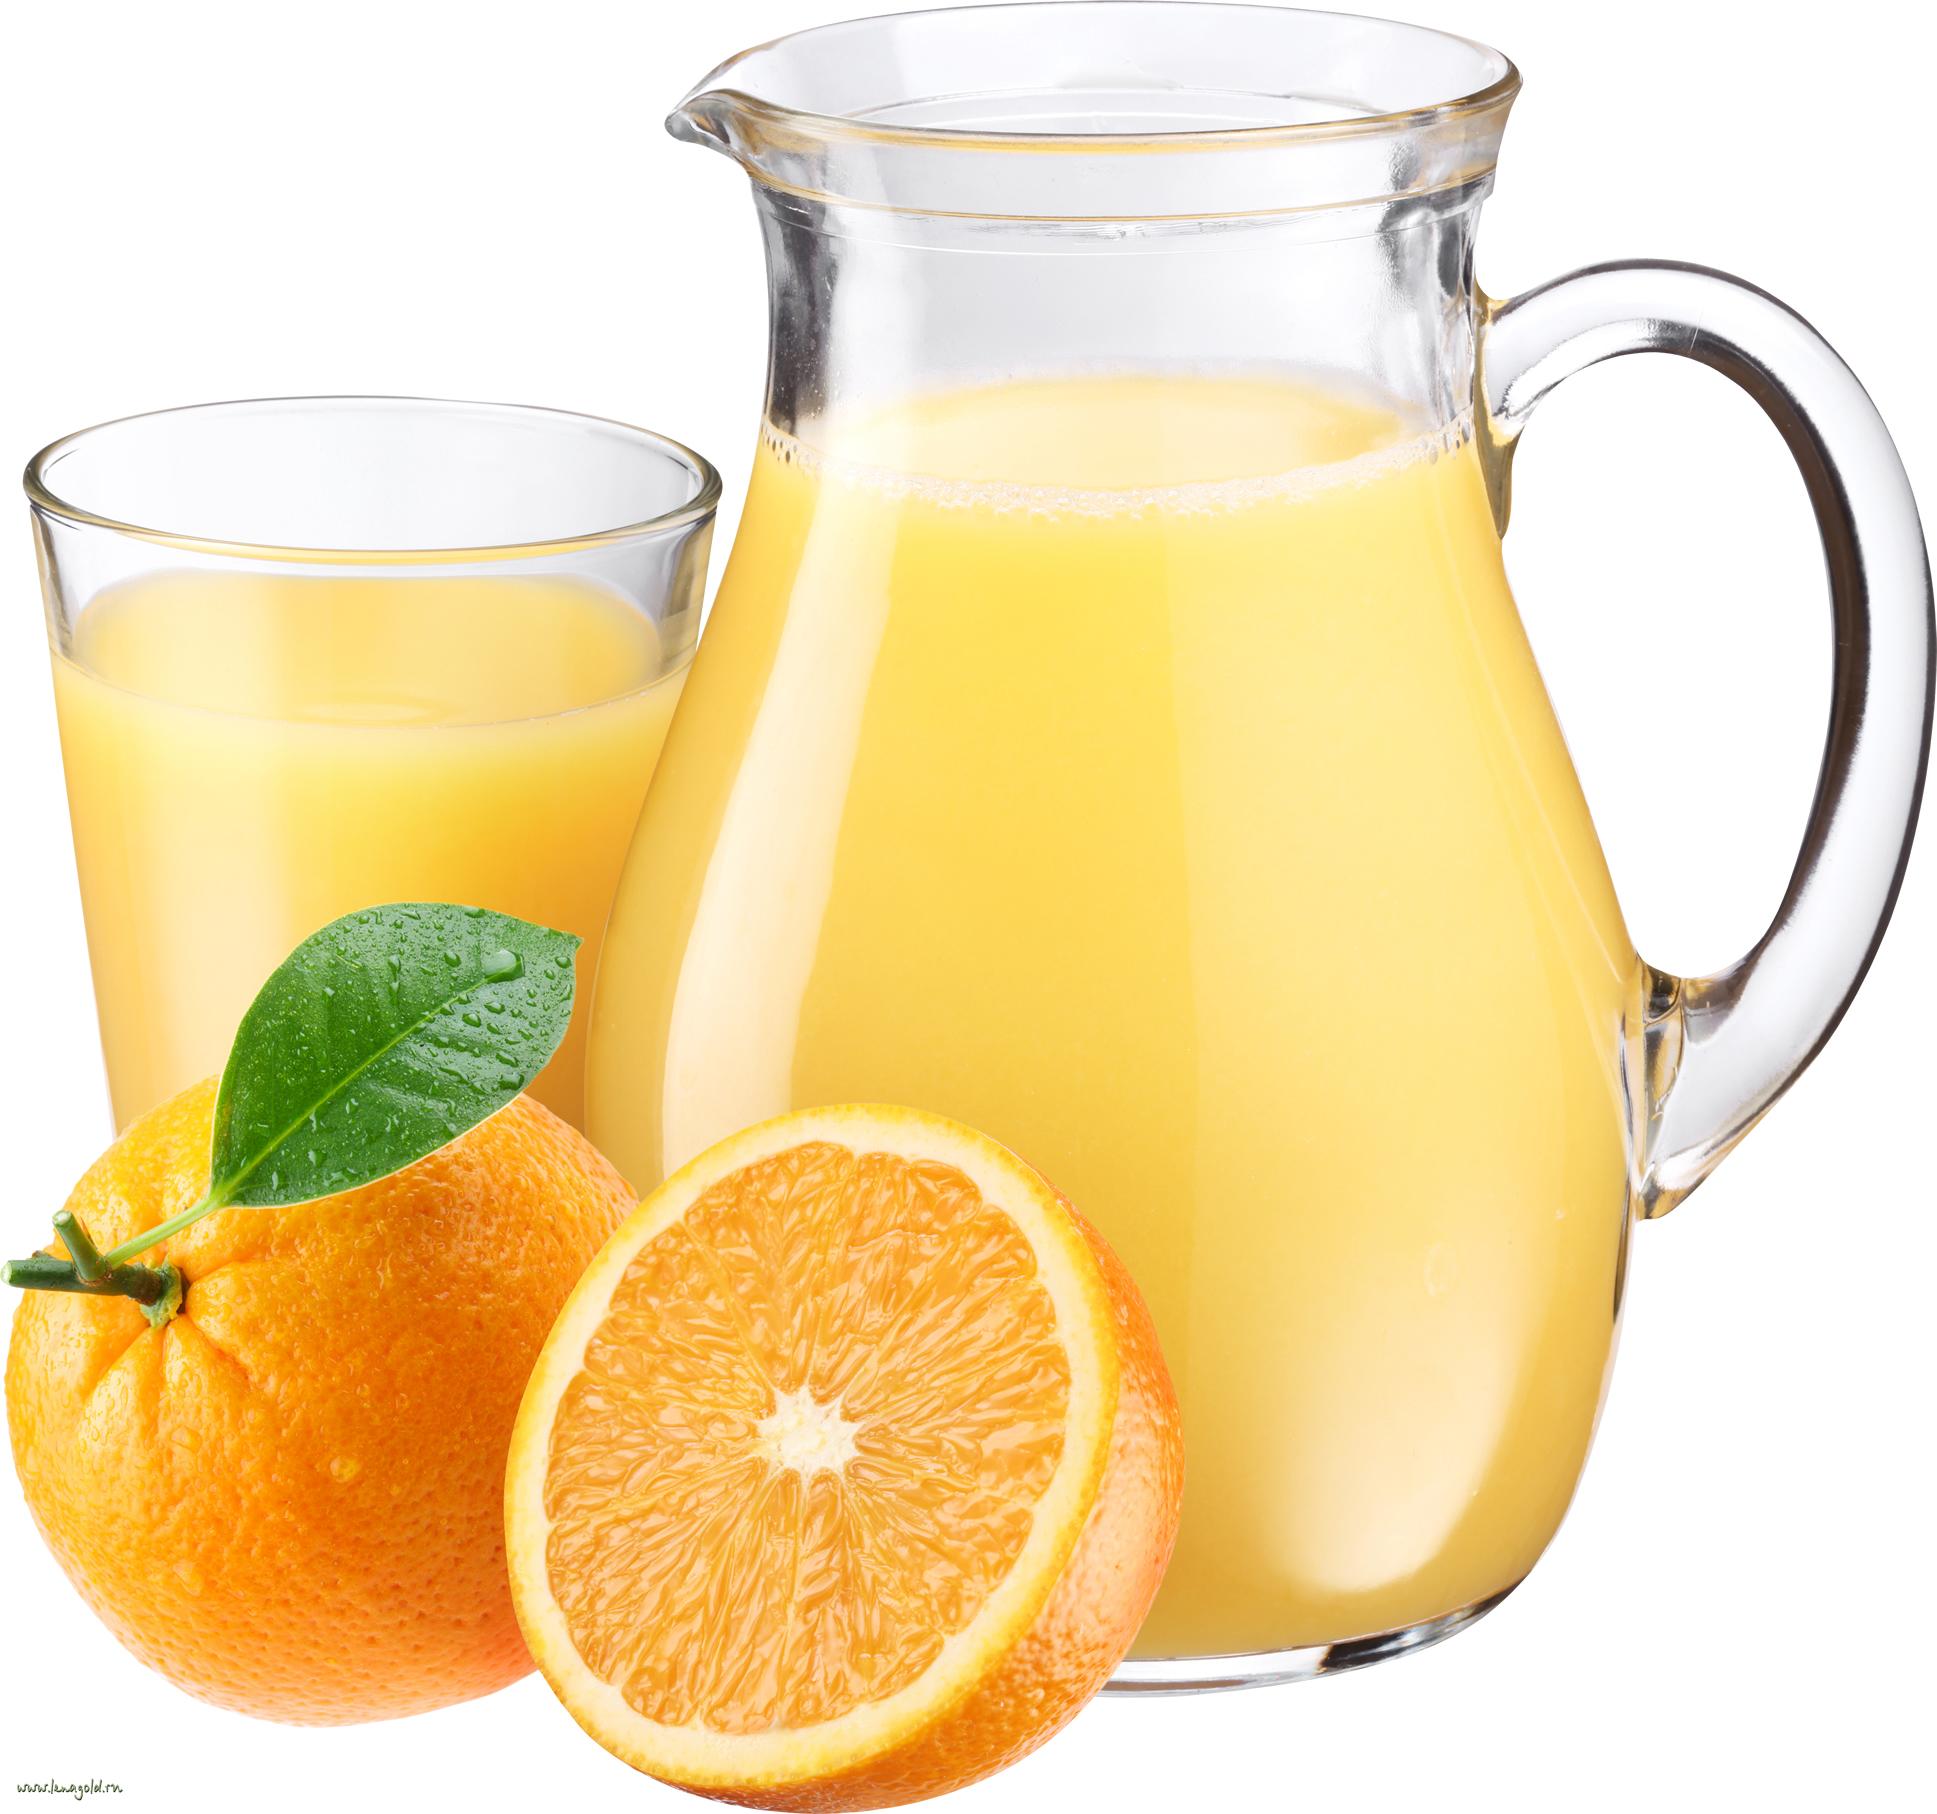 Download wallpaper orange juice photo wallpapers Oranges 1937x1814